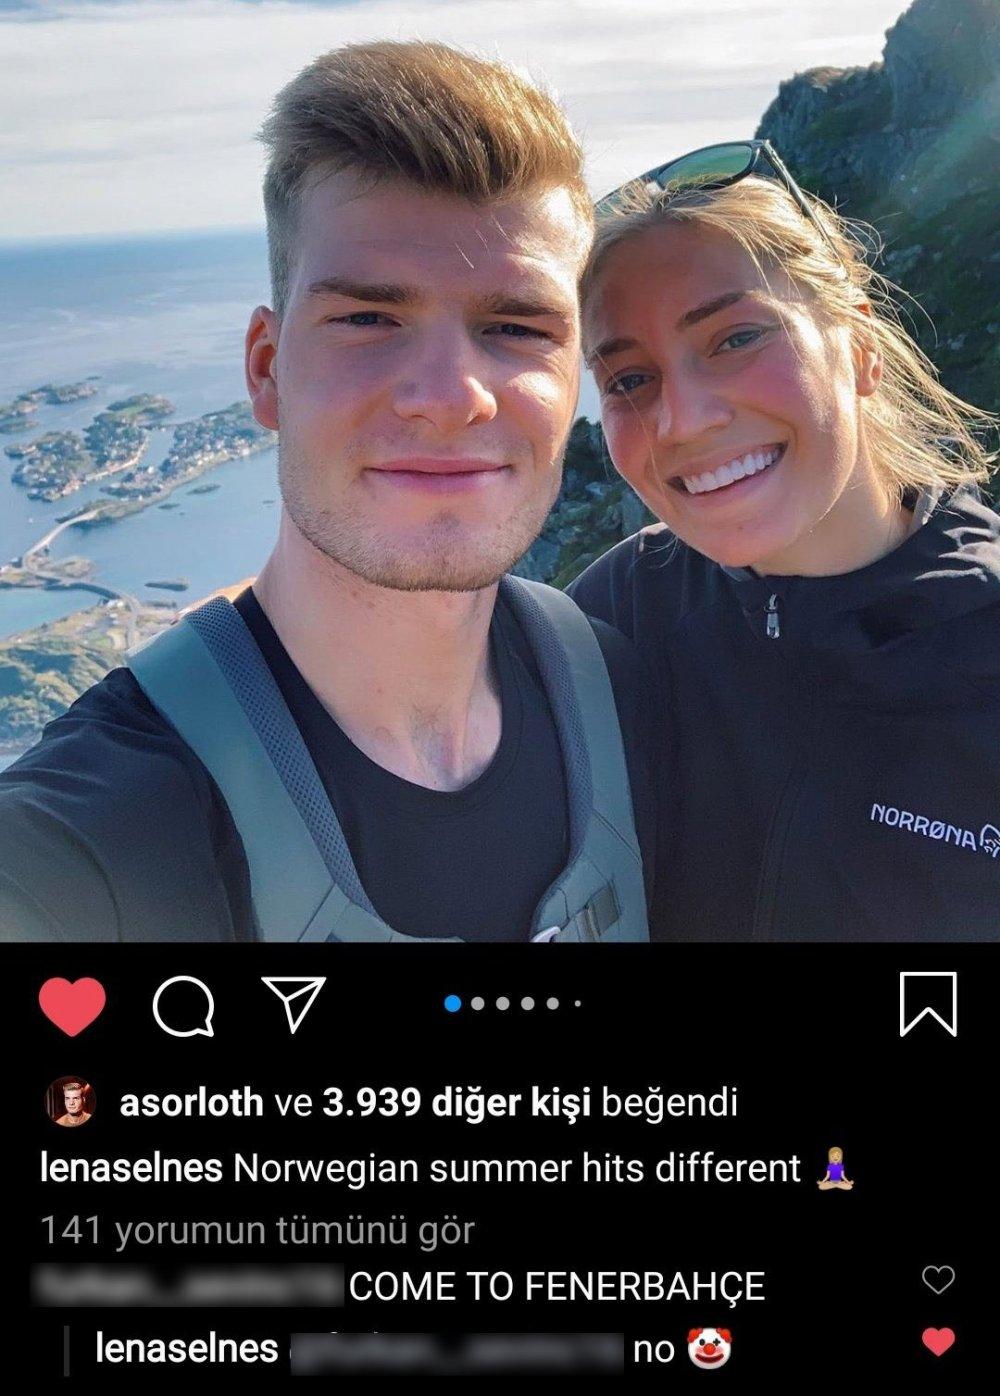 Sörloth'un kız arkadaşı Fenerbahçe taraftarına böyle cevap verdi